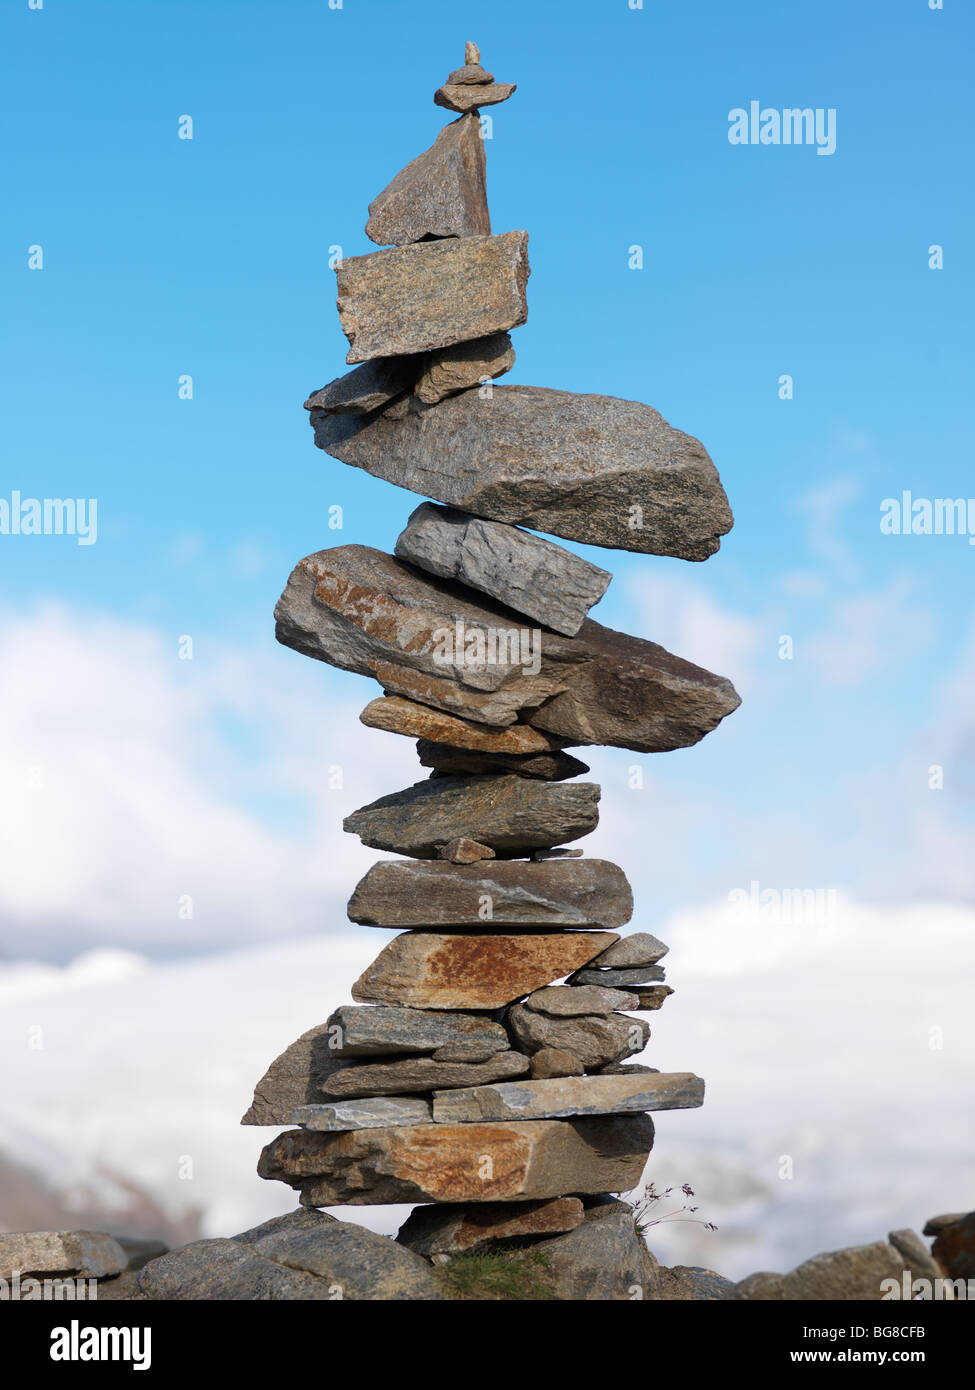 Suisse, Valais, Zermatt Gornergrat,,un cairn de pierres équilibré Photo Stock